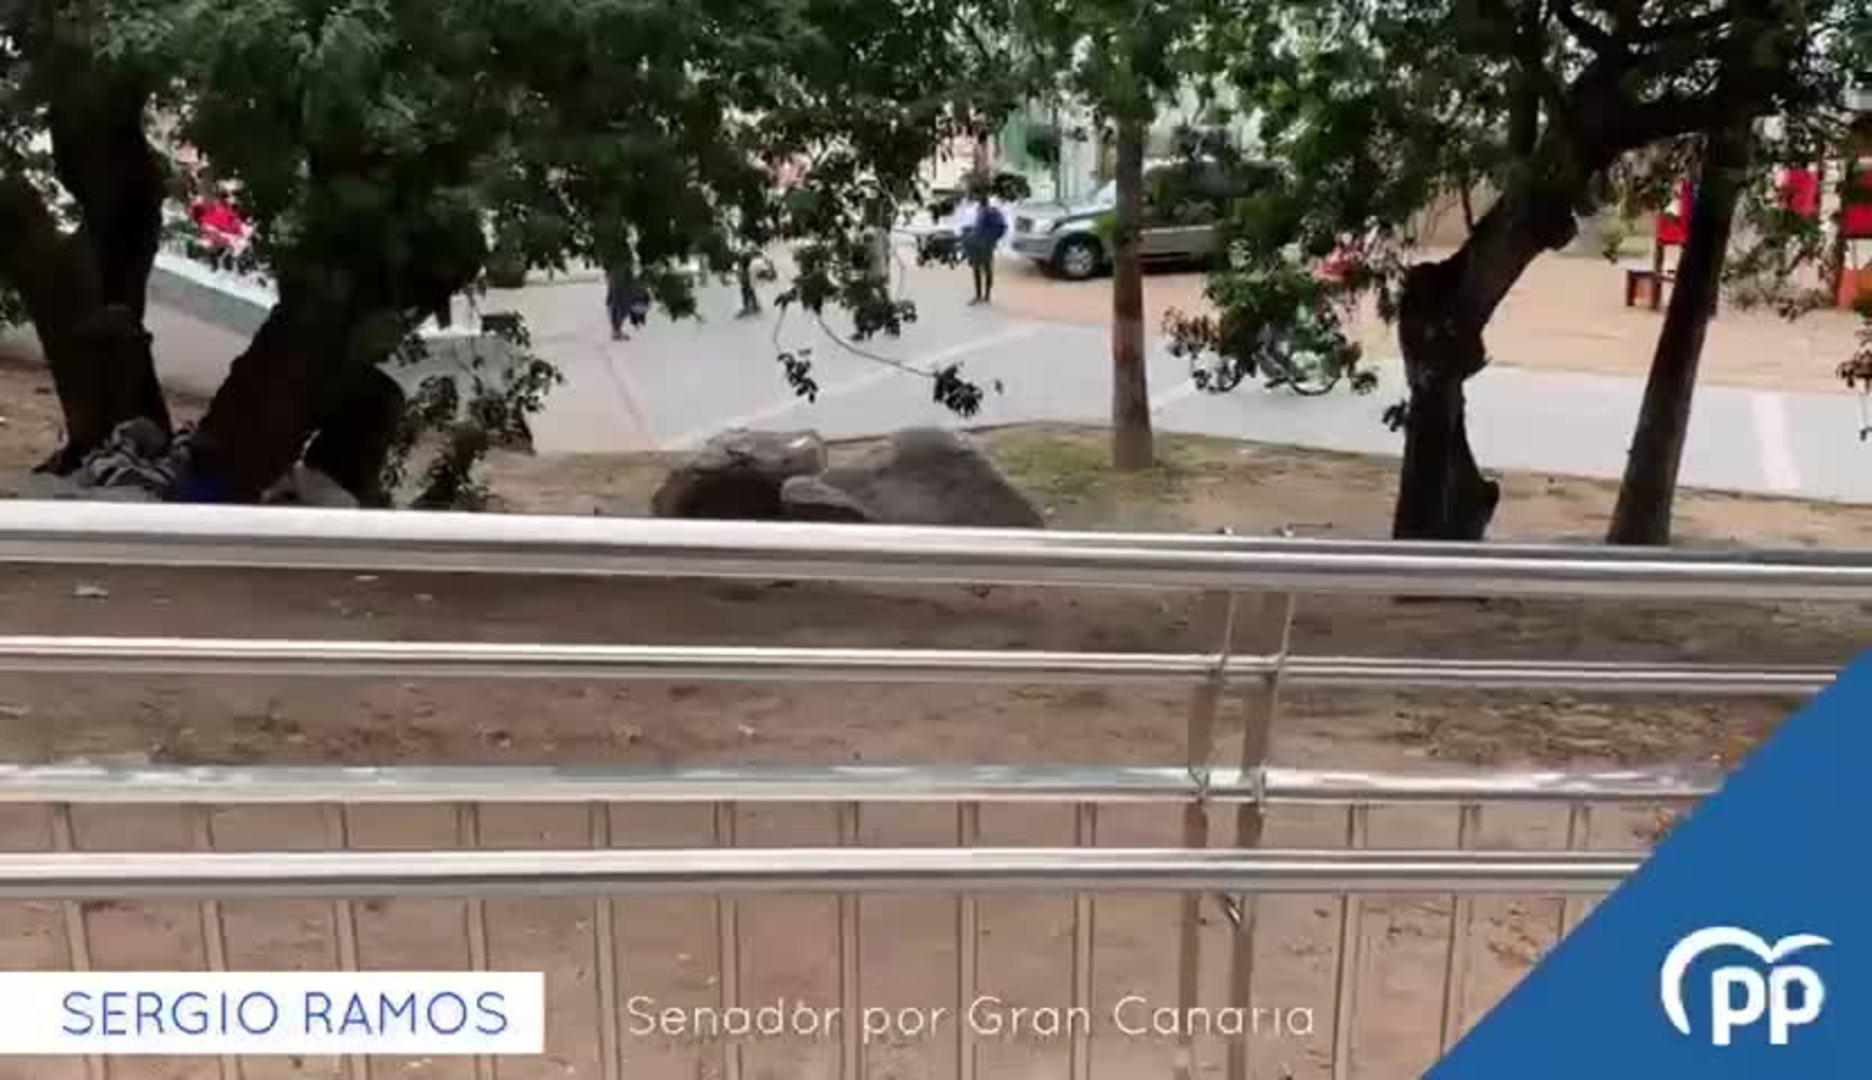 El PP denuncia la presencia de inmigrantes en las calles de Las Palmas de Gran Canaria